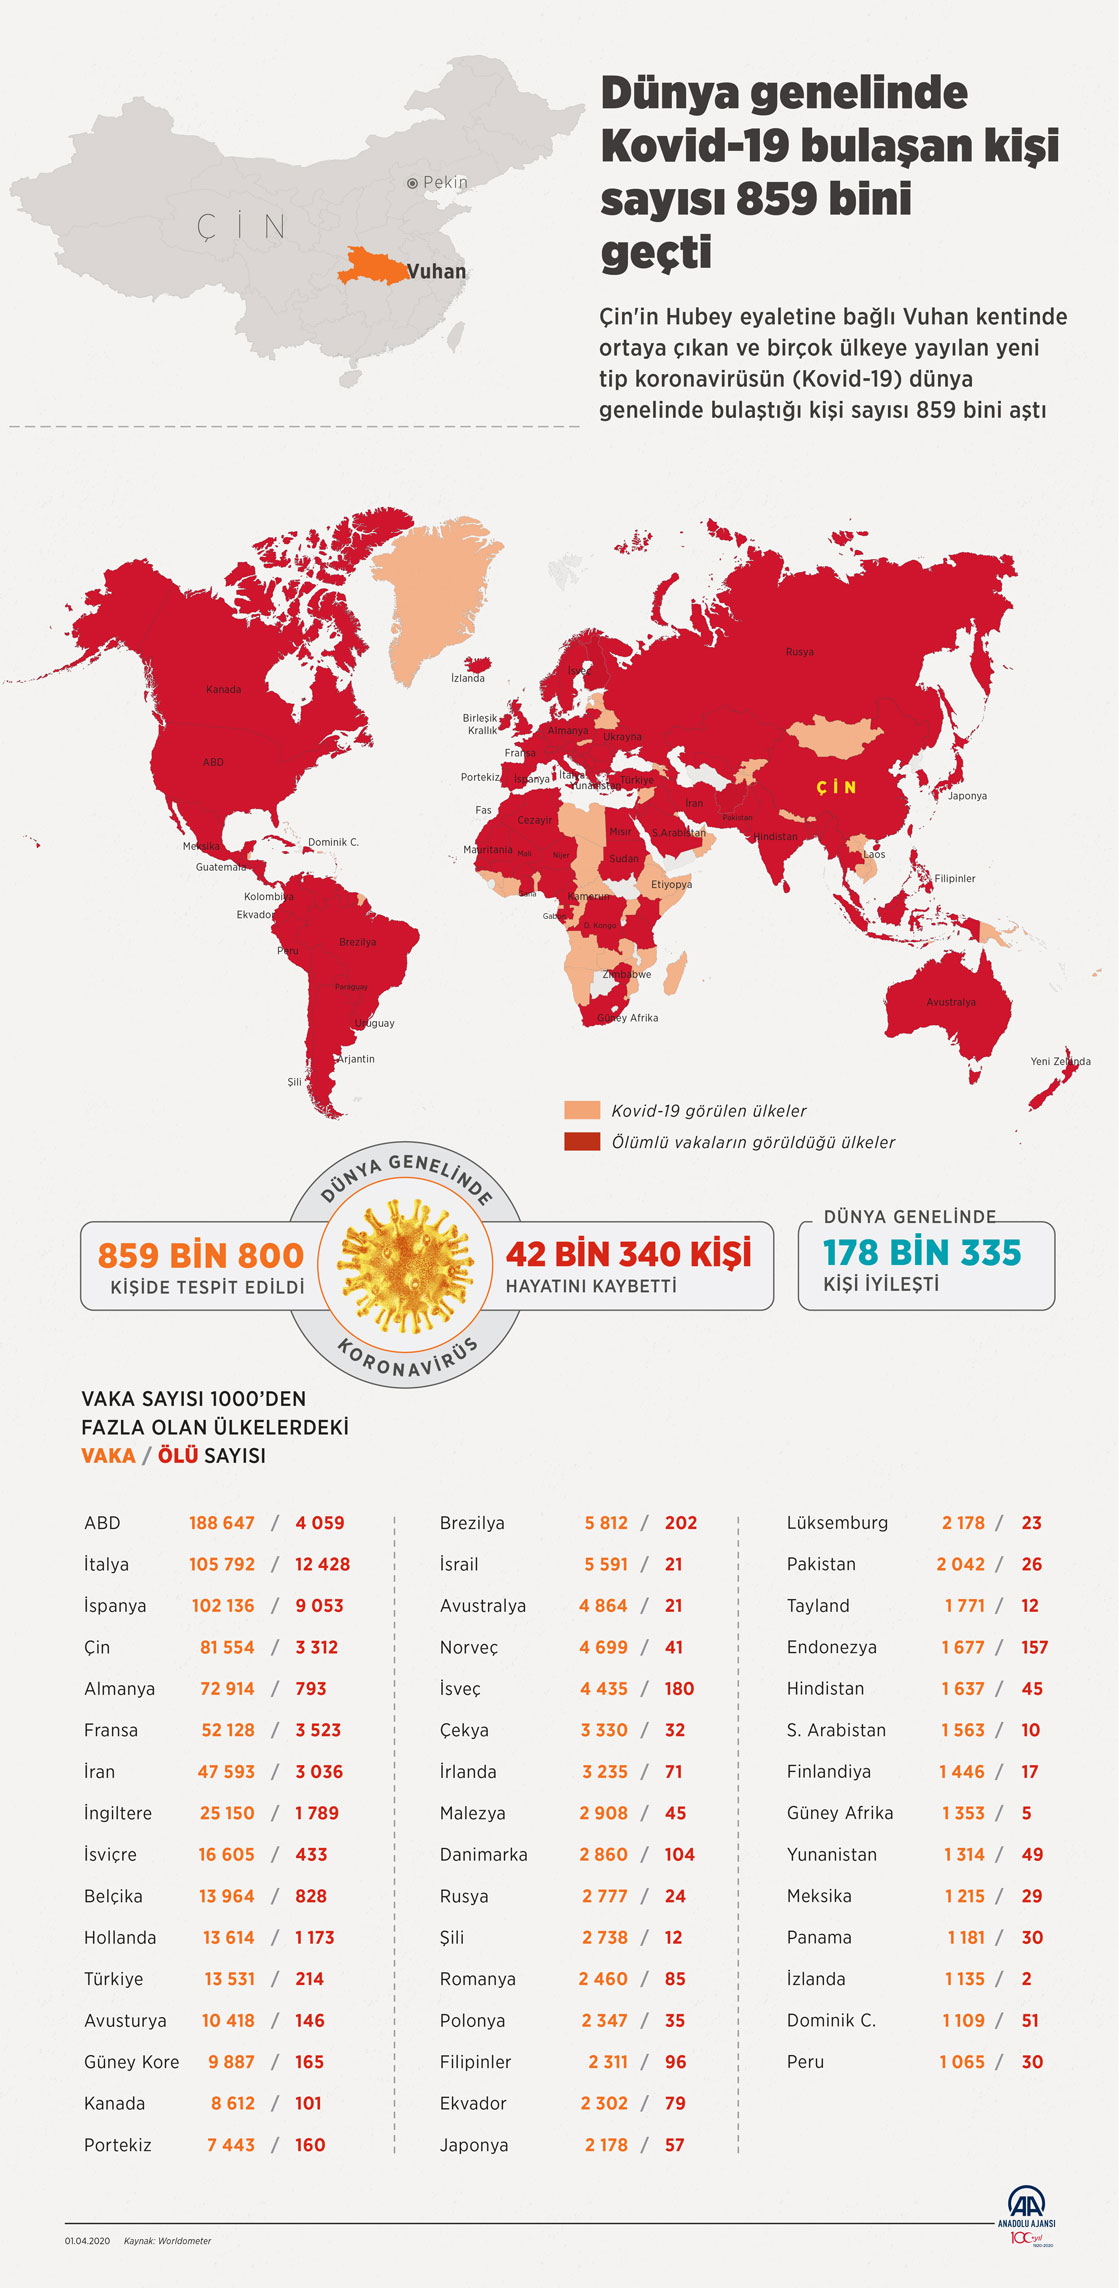 Dünya genelinde Kovid-19